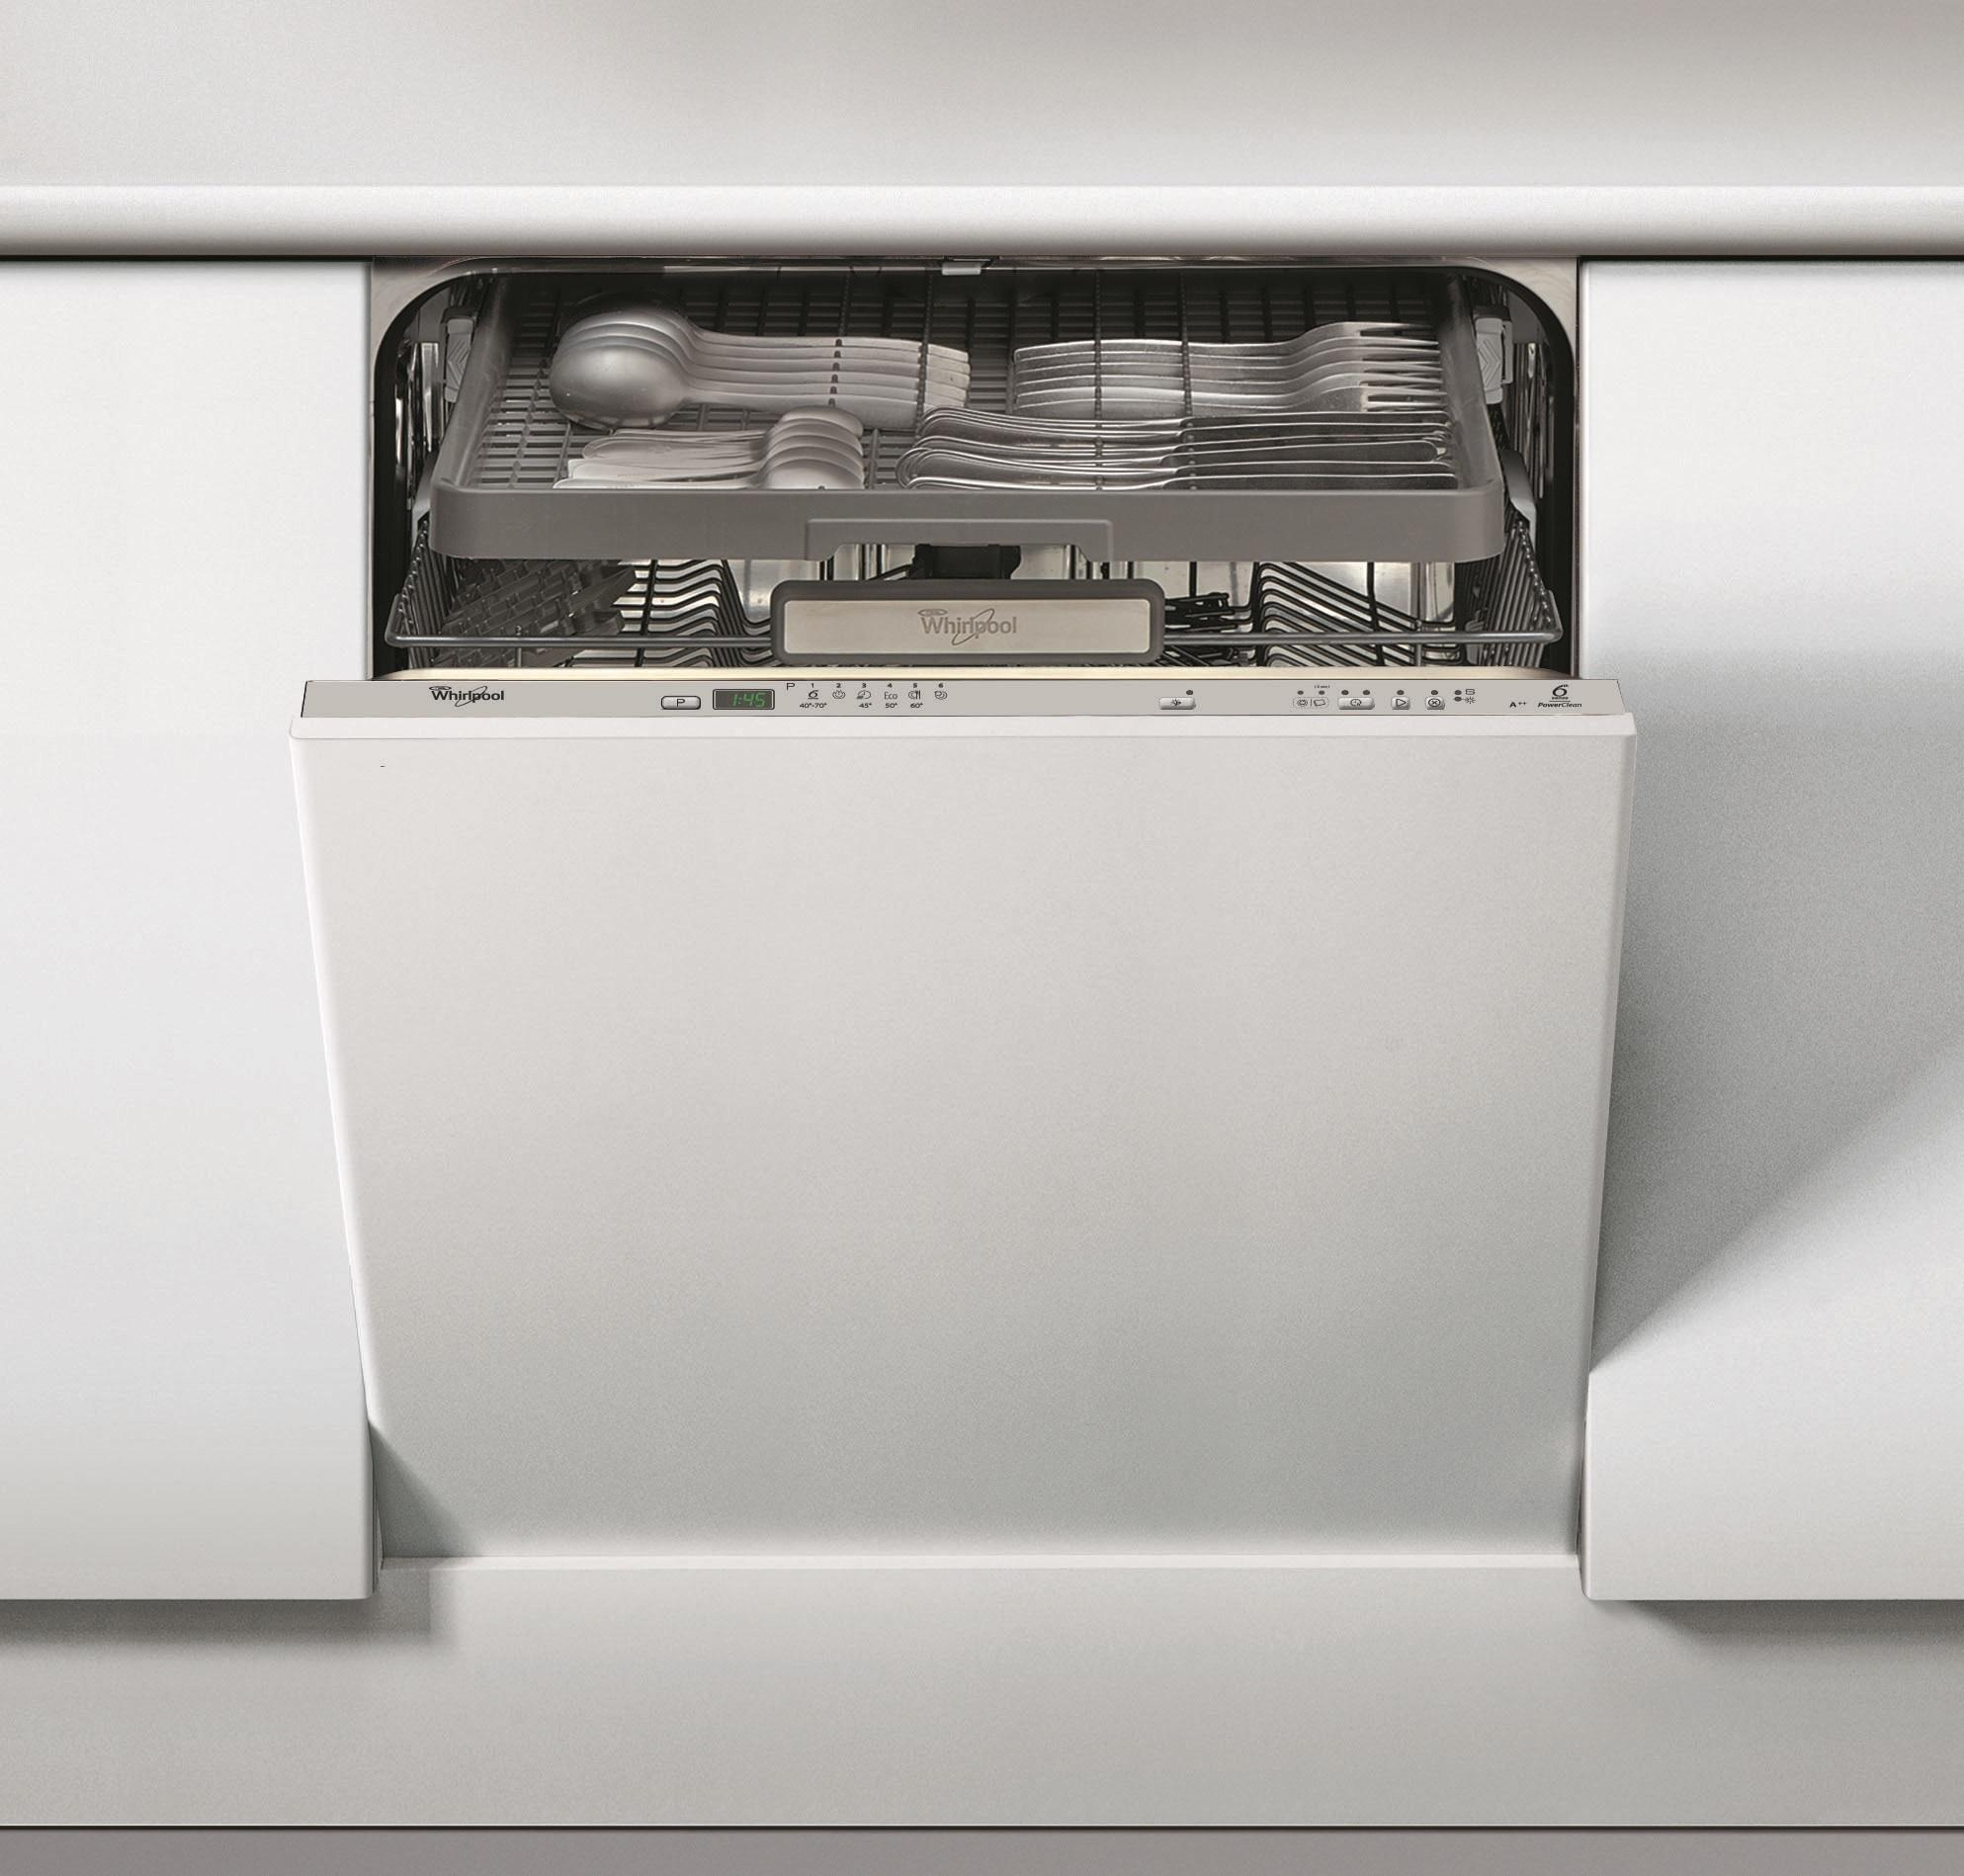 Фирма whirlpool: производитель (страна) бытовой техники